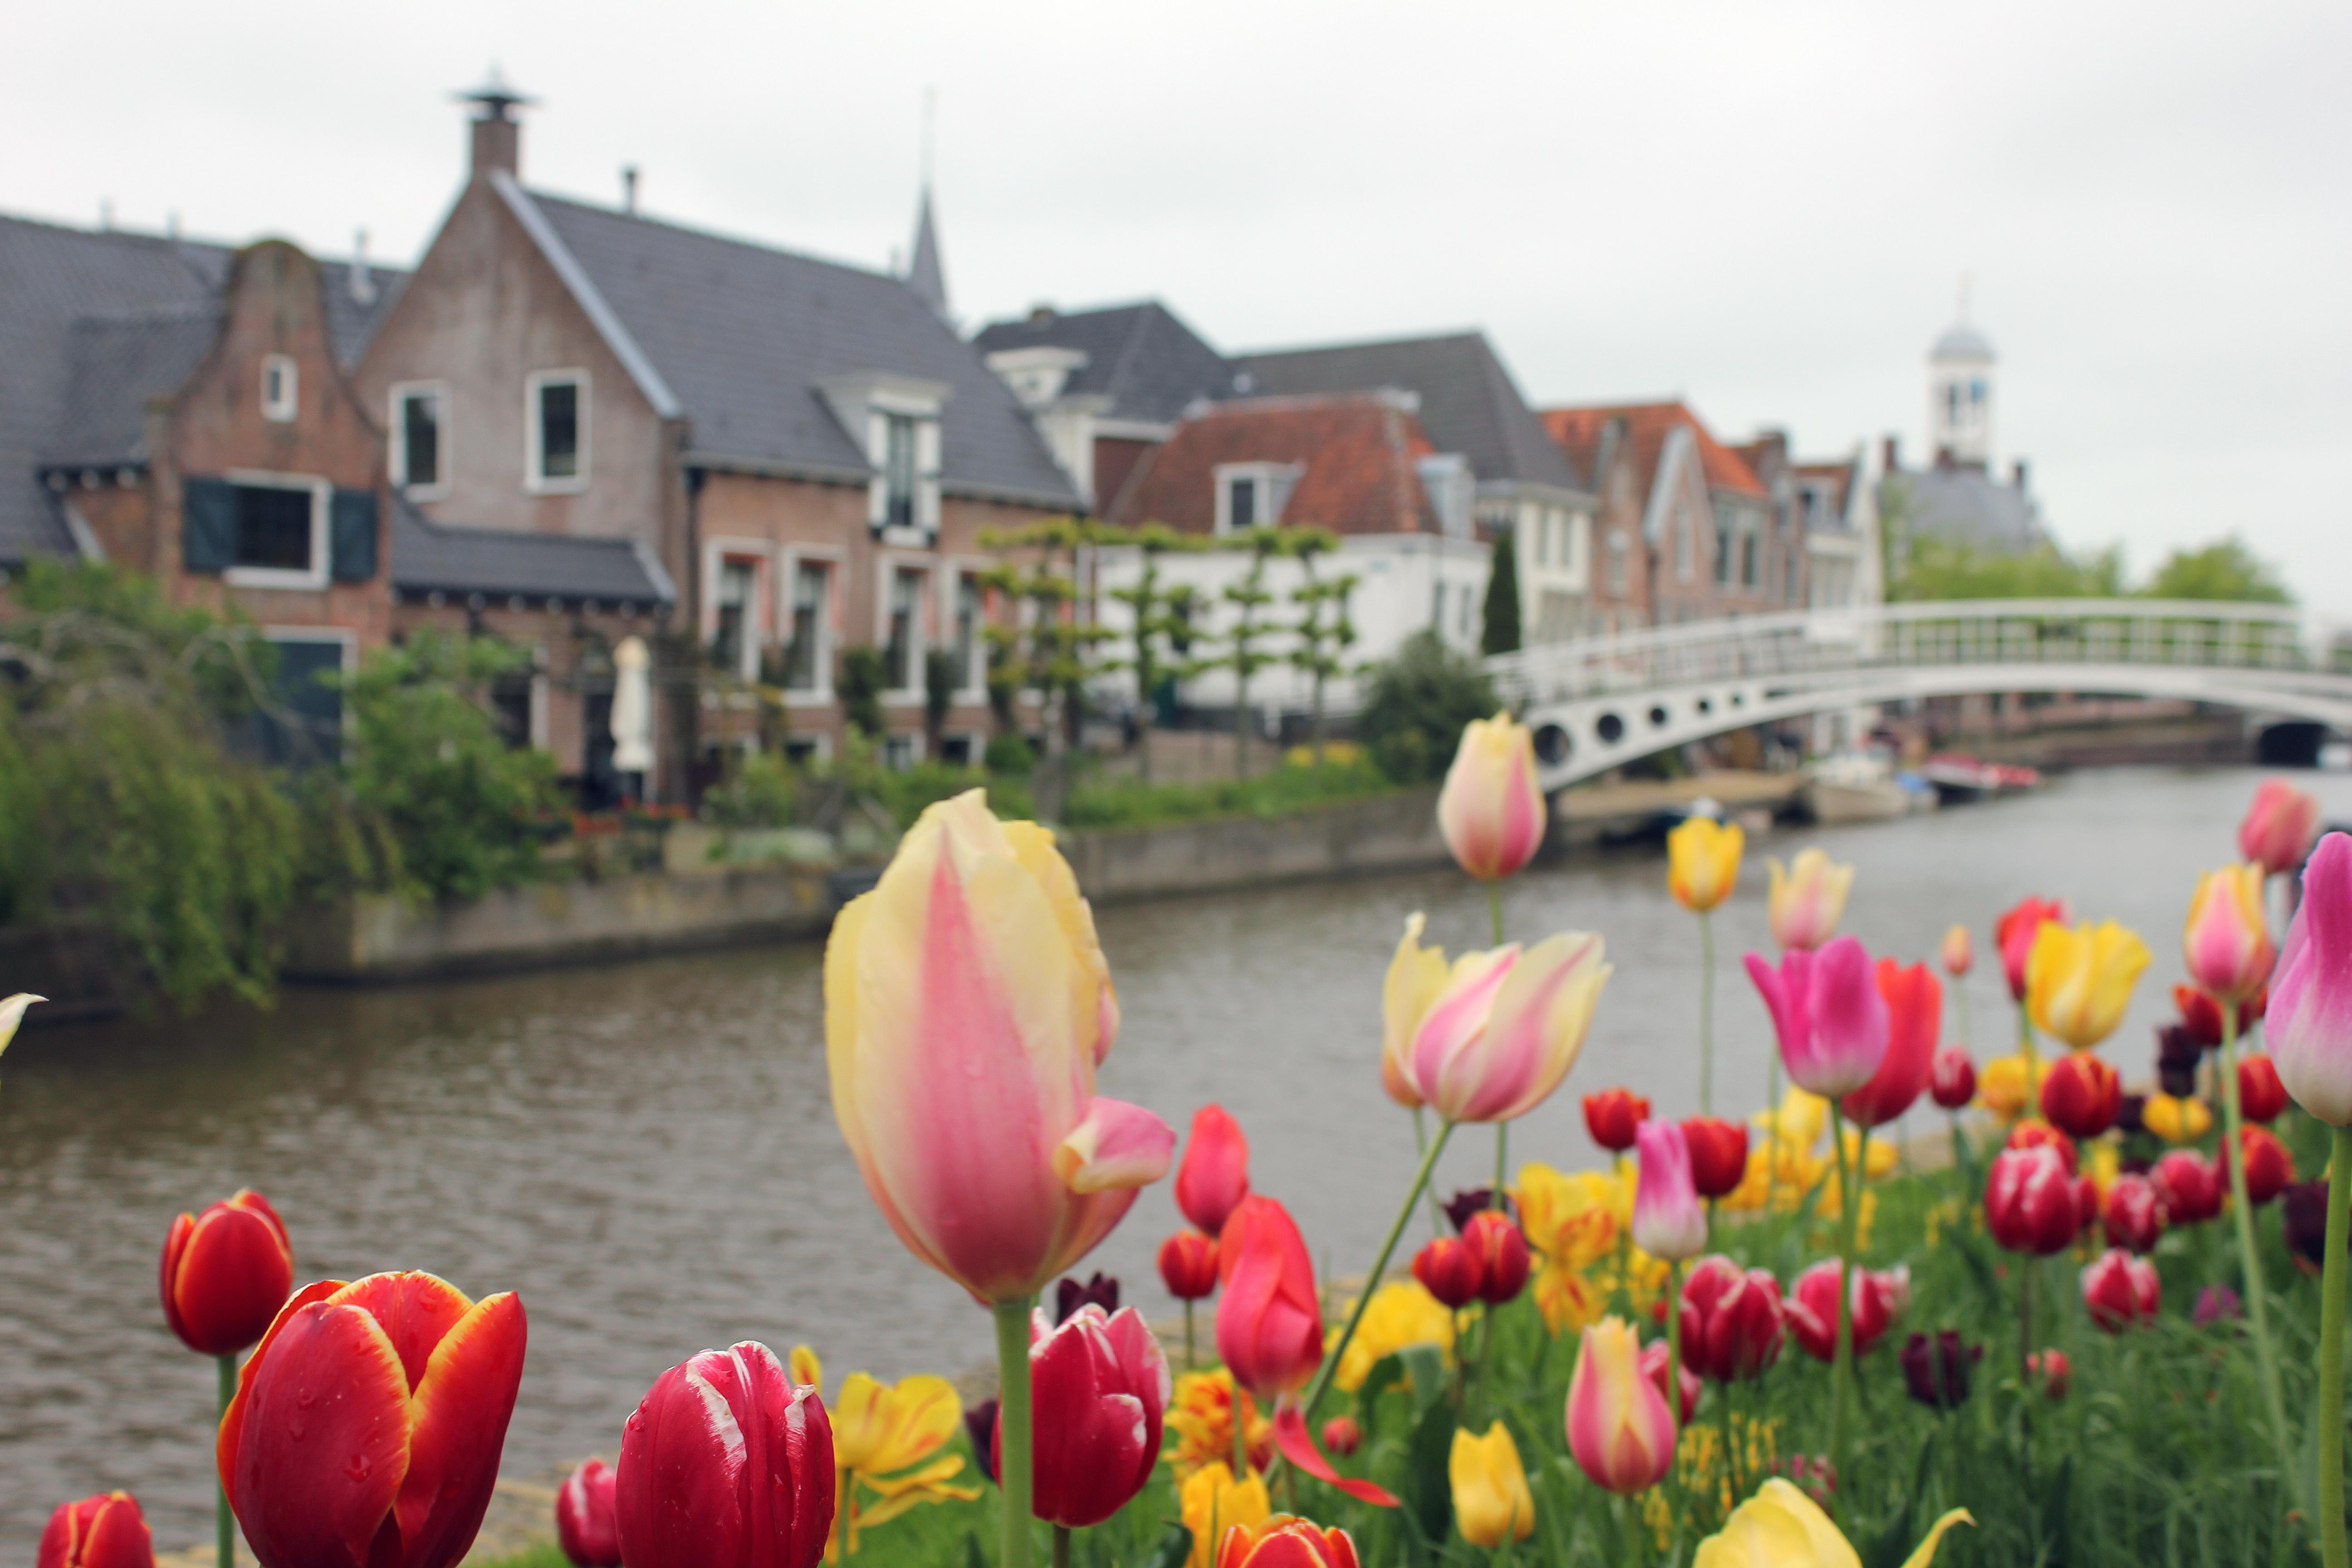 Frisia el desconocido norte de holanda mis viajes por ah mis viajes por ah - Jardines de tulipanes en holanda ...